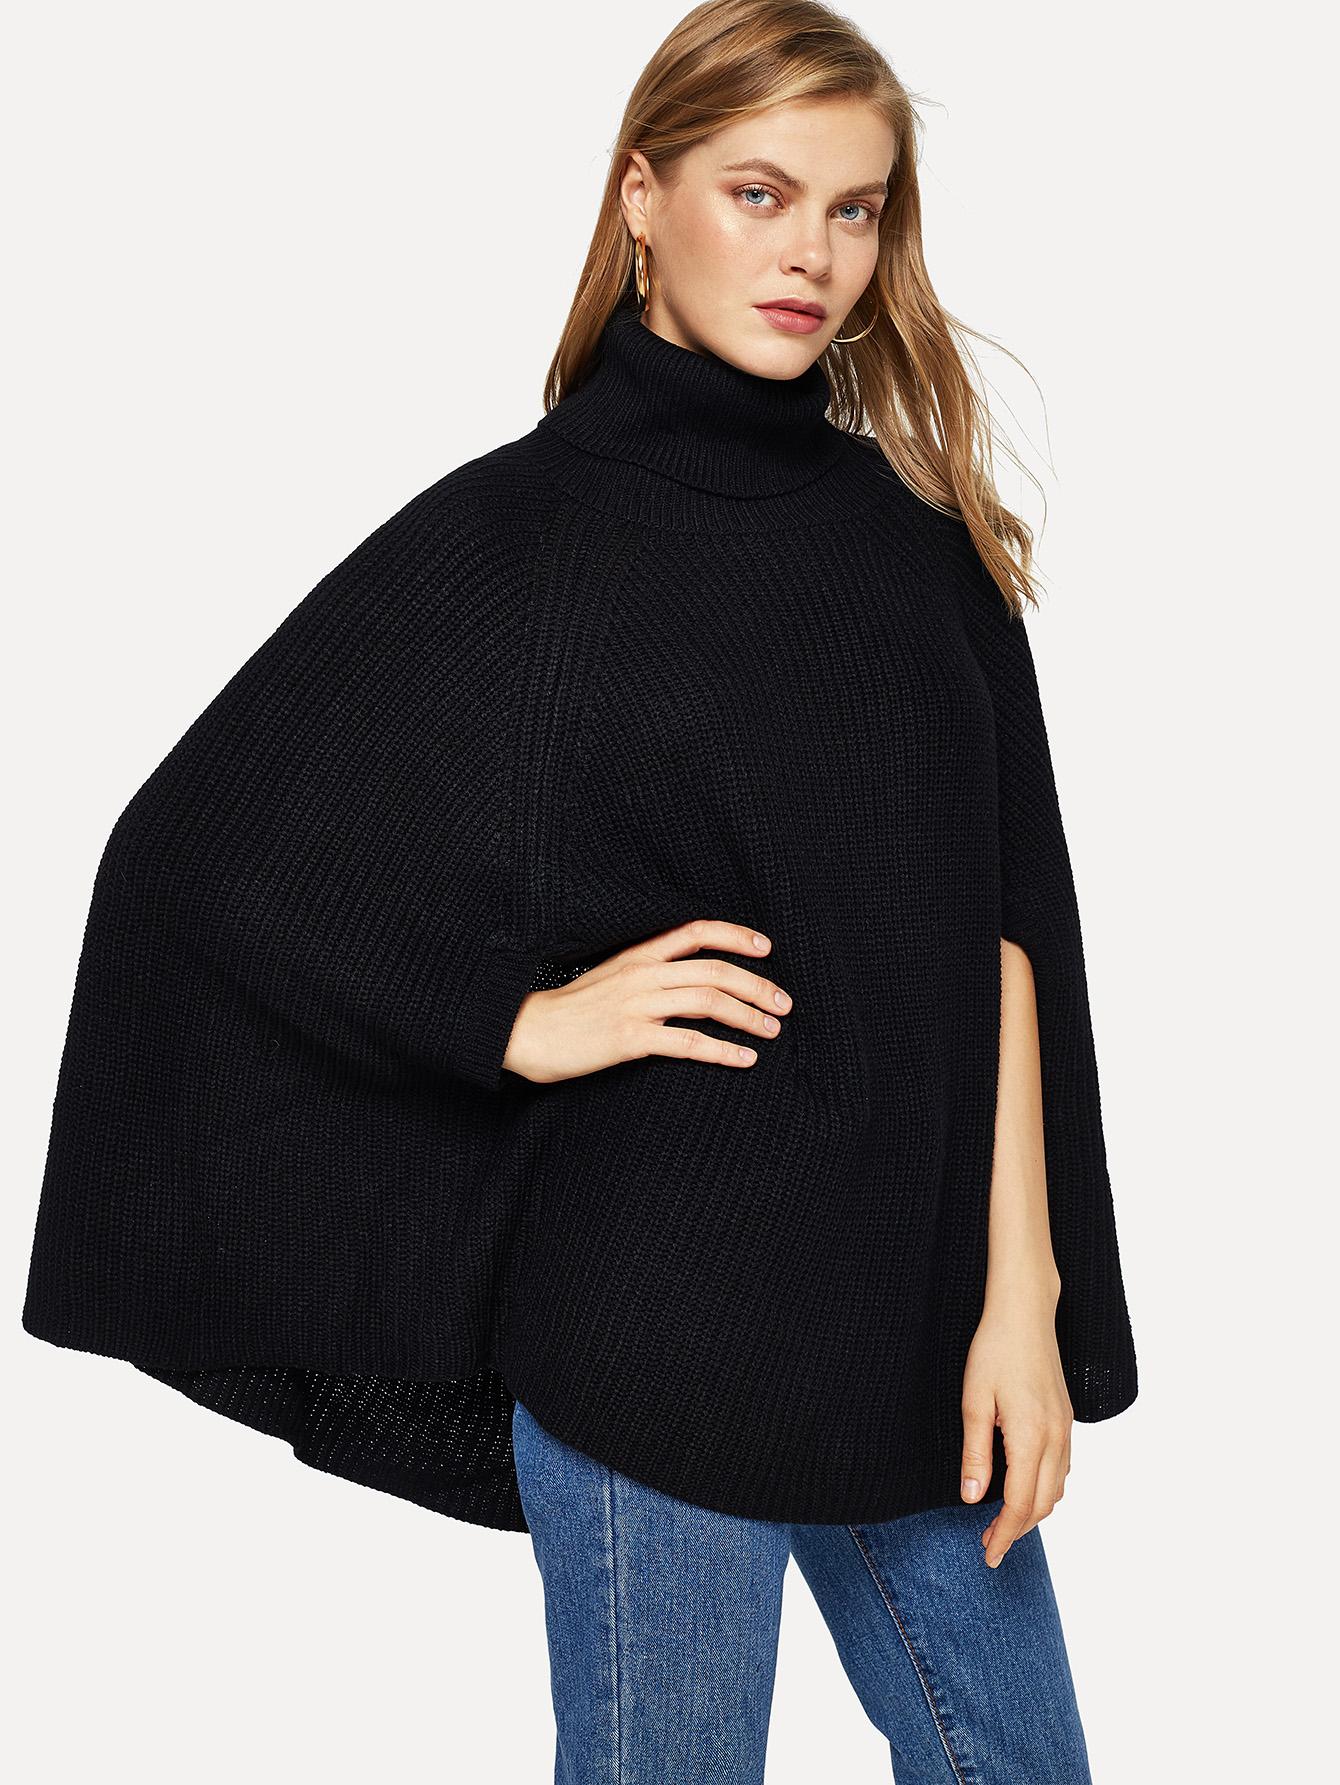 Купить Однотонный свитер-пончо с высоким вырезом, Kate C, SheIn